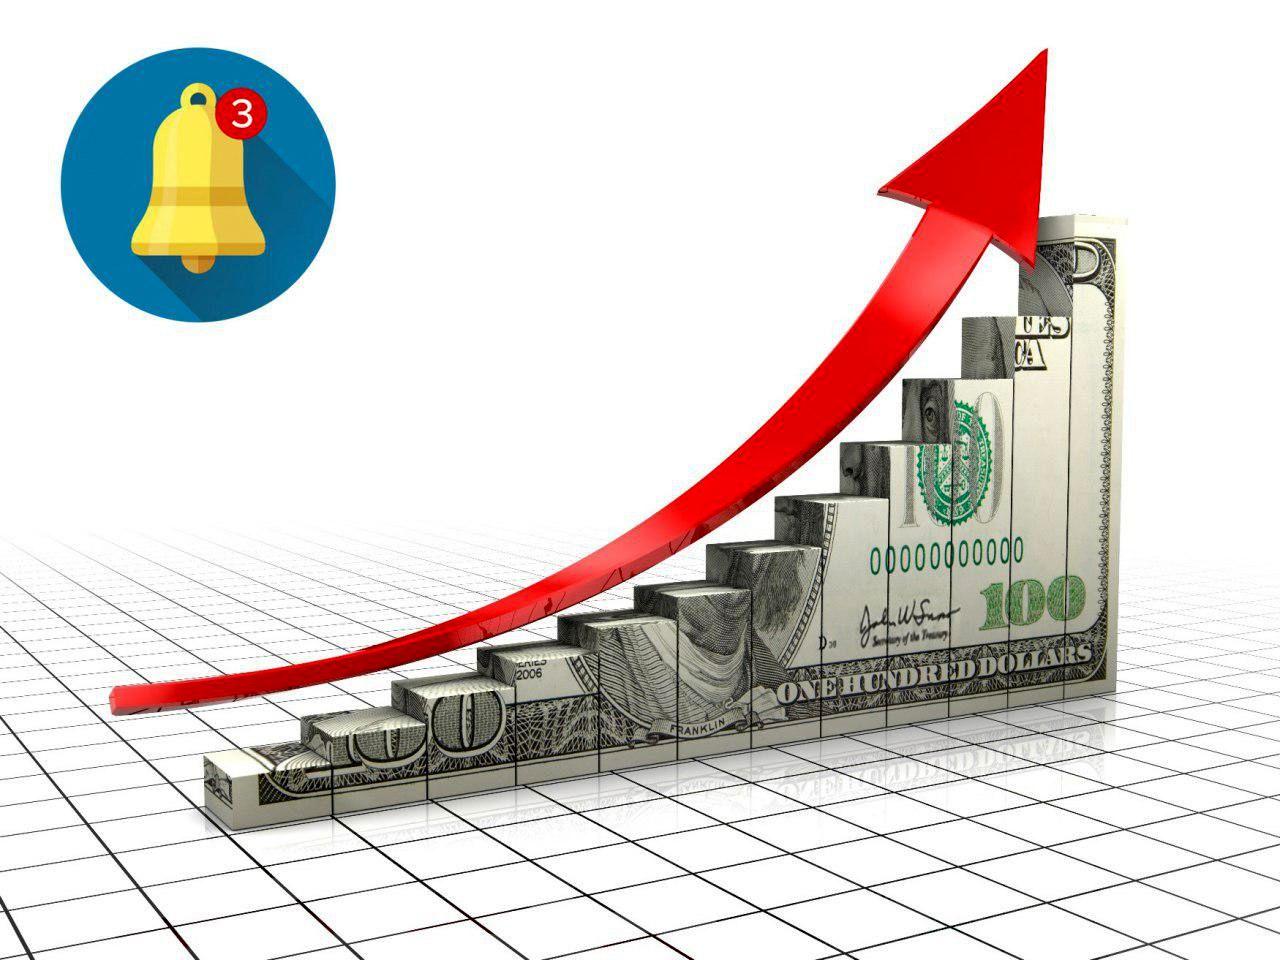 اطلاع به موقع از نوسان نرخ ارز با ربات نرخ آنلاین